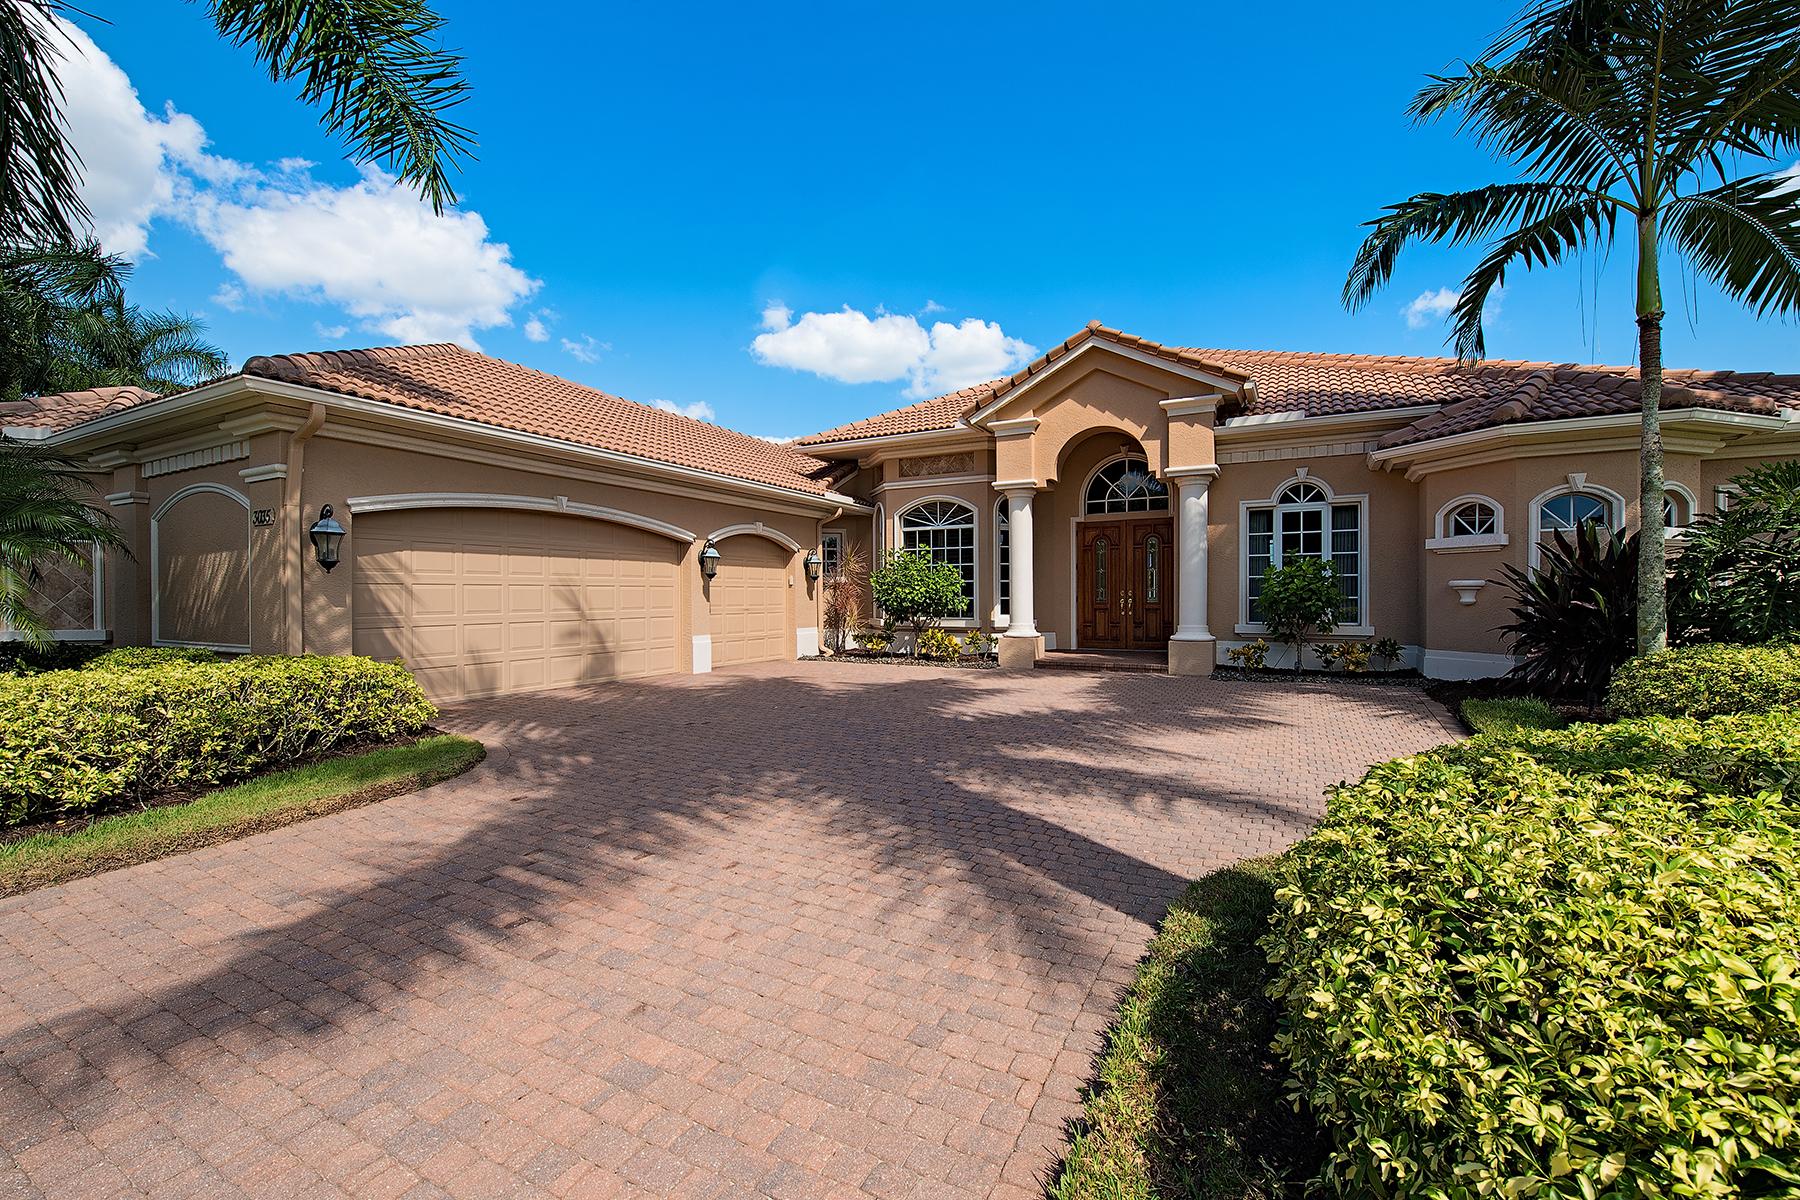 Частный односемейный дом для того Продажа на OLDE CYPRESS - DA VINCI ESTATES 3035 Mona Lisa Blvd Naples, Флорида, 34119 Соединенные Штаты